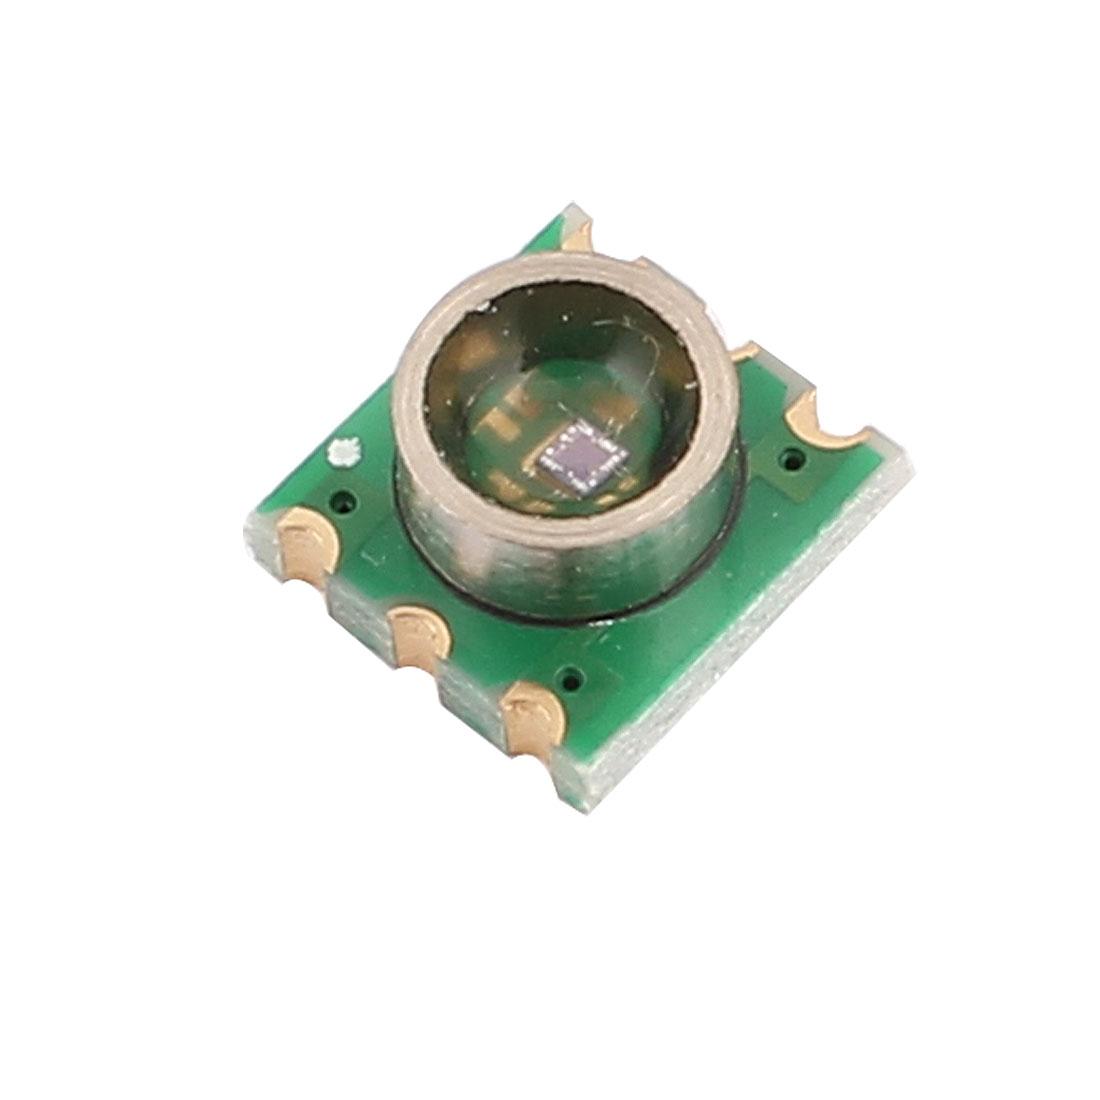 Sensore pressione MD-PS002 700Kpa Vacuum Absolute Pressure Sensor